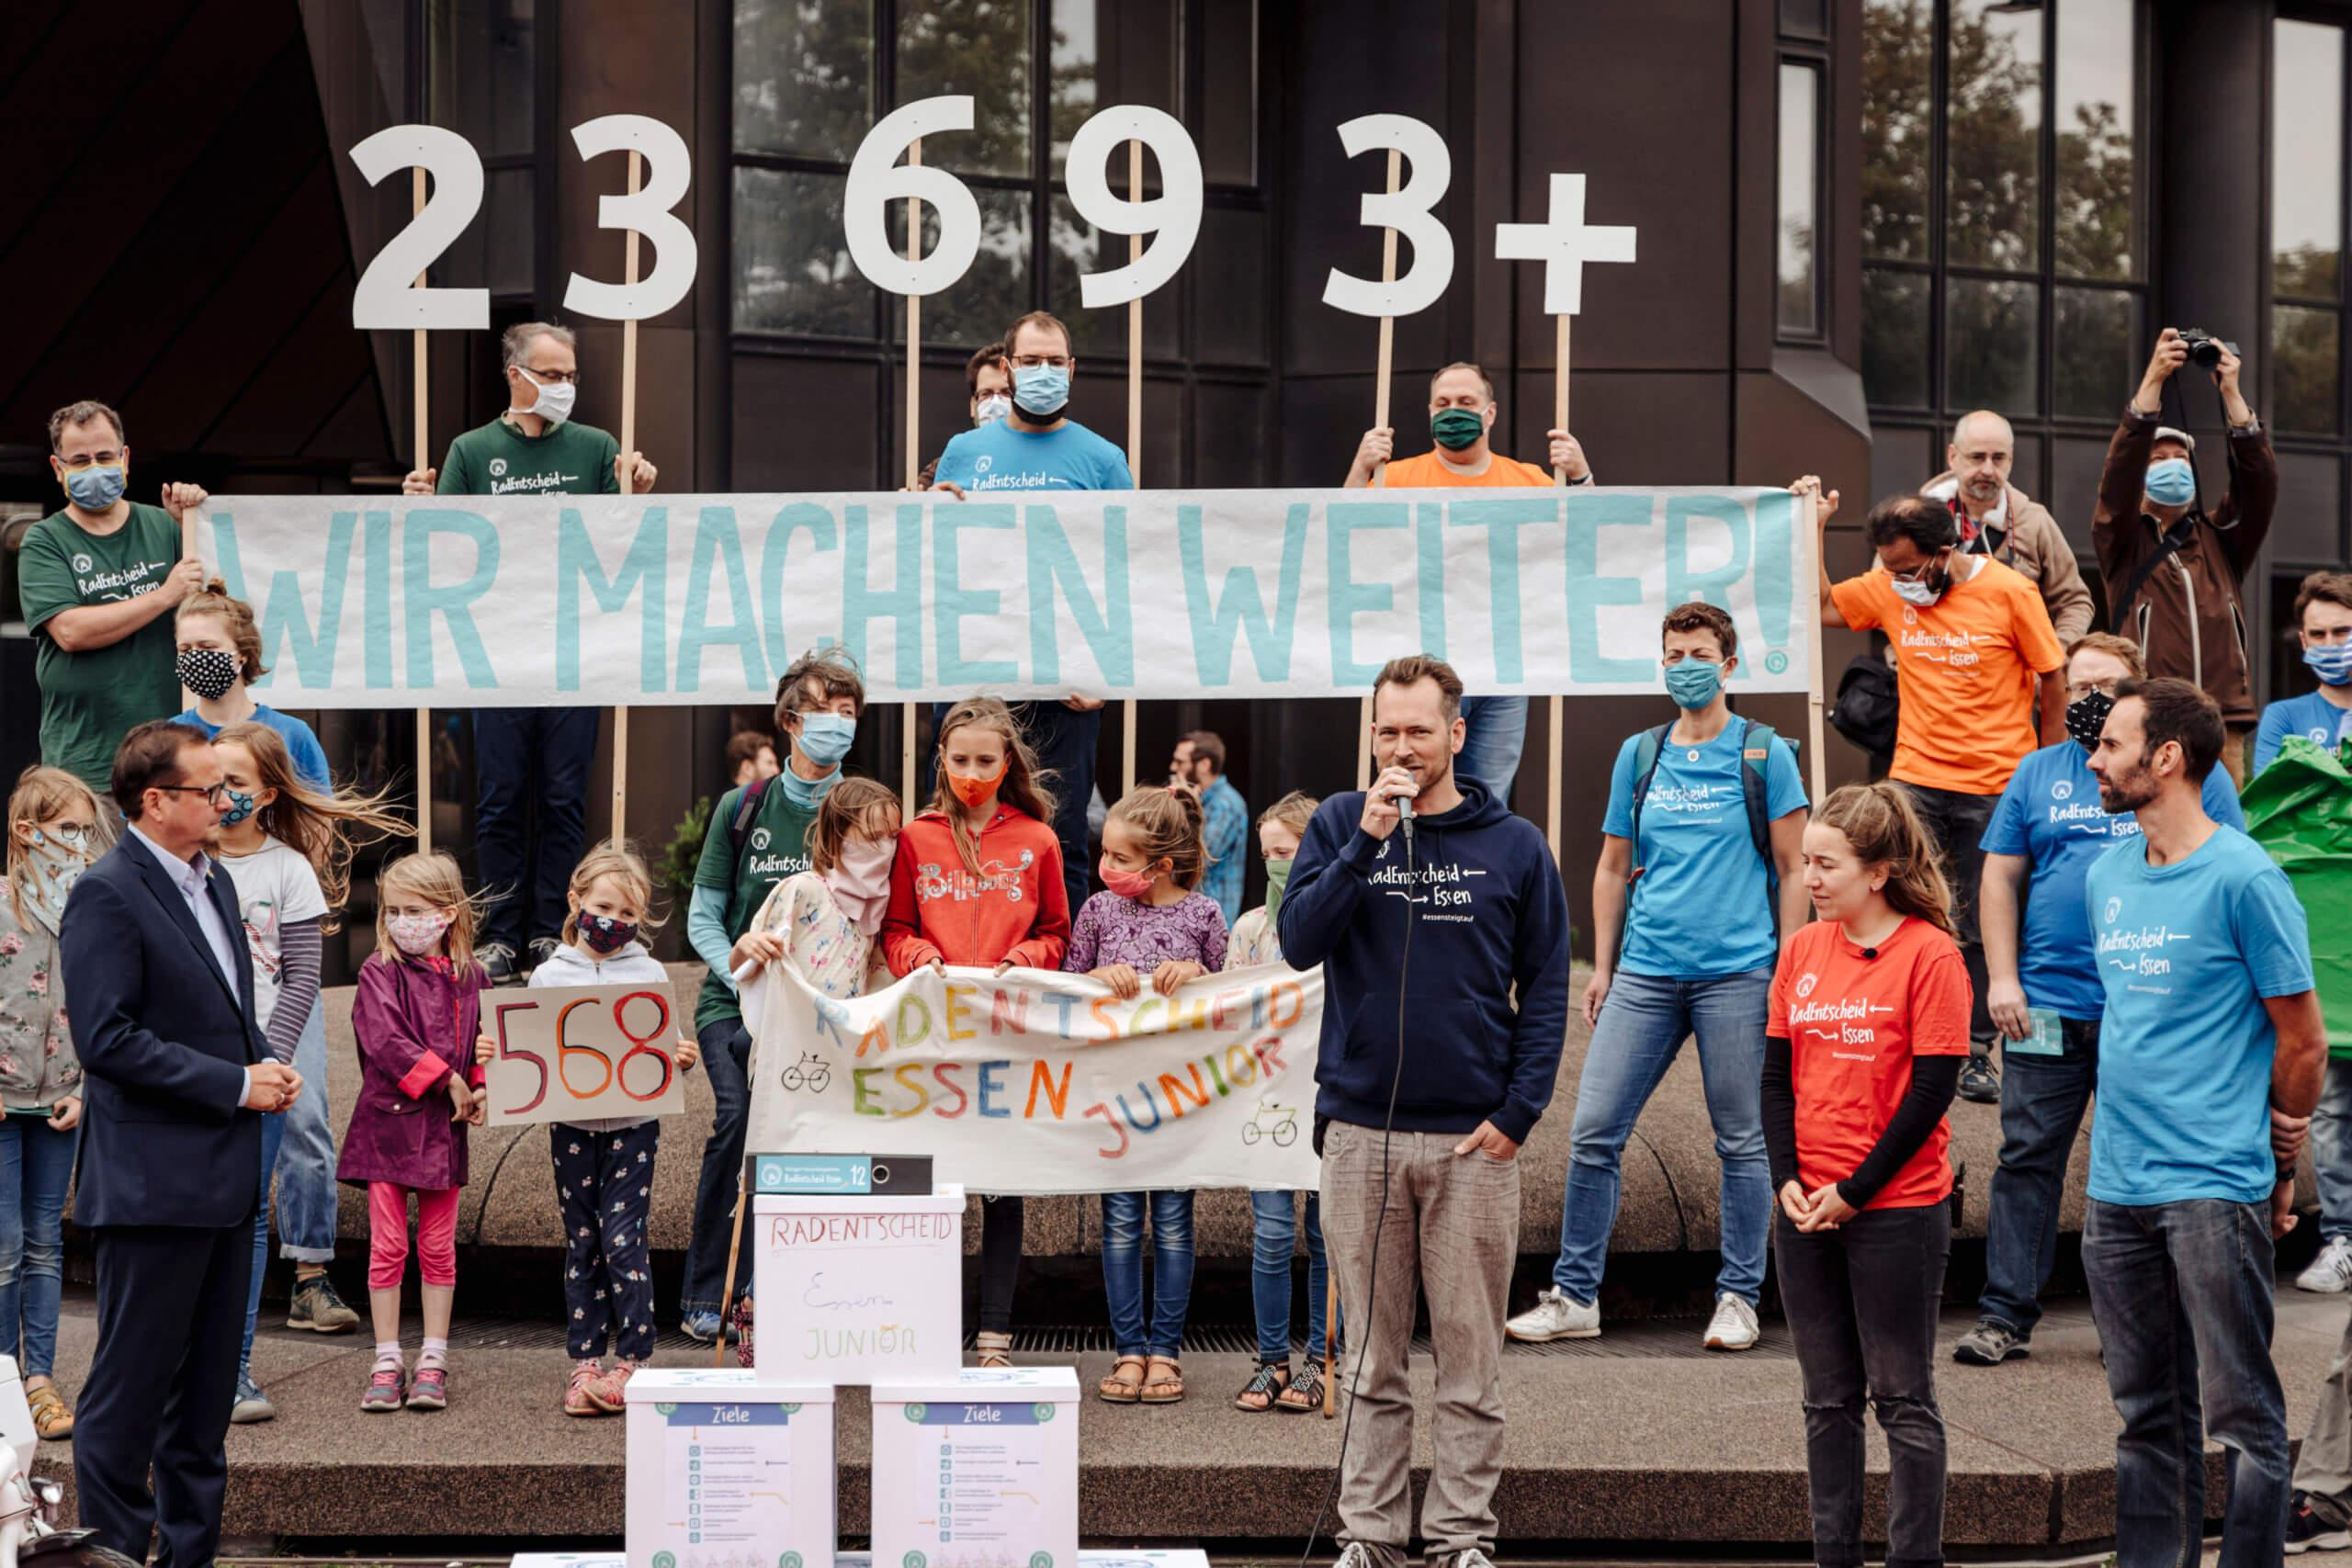 Der Radentscheid Essen sammelte über 23.000 Unterschriften und triumphierte: Der Stadtrat schloss sich im August den Zielen des Bündnisses an. (Bild: Julius Cnoth)